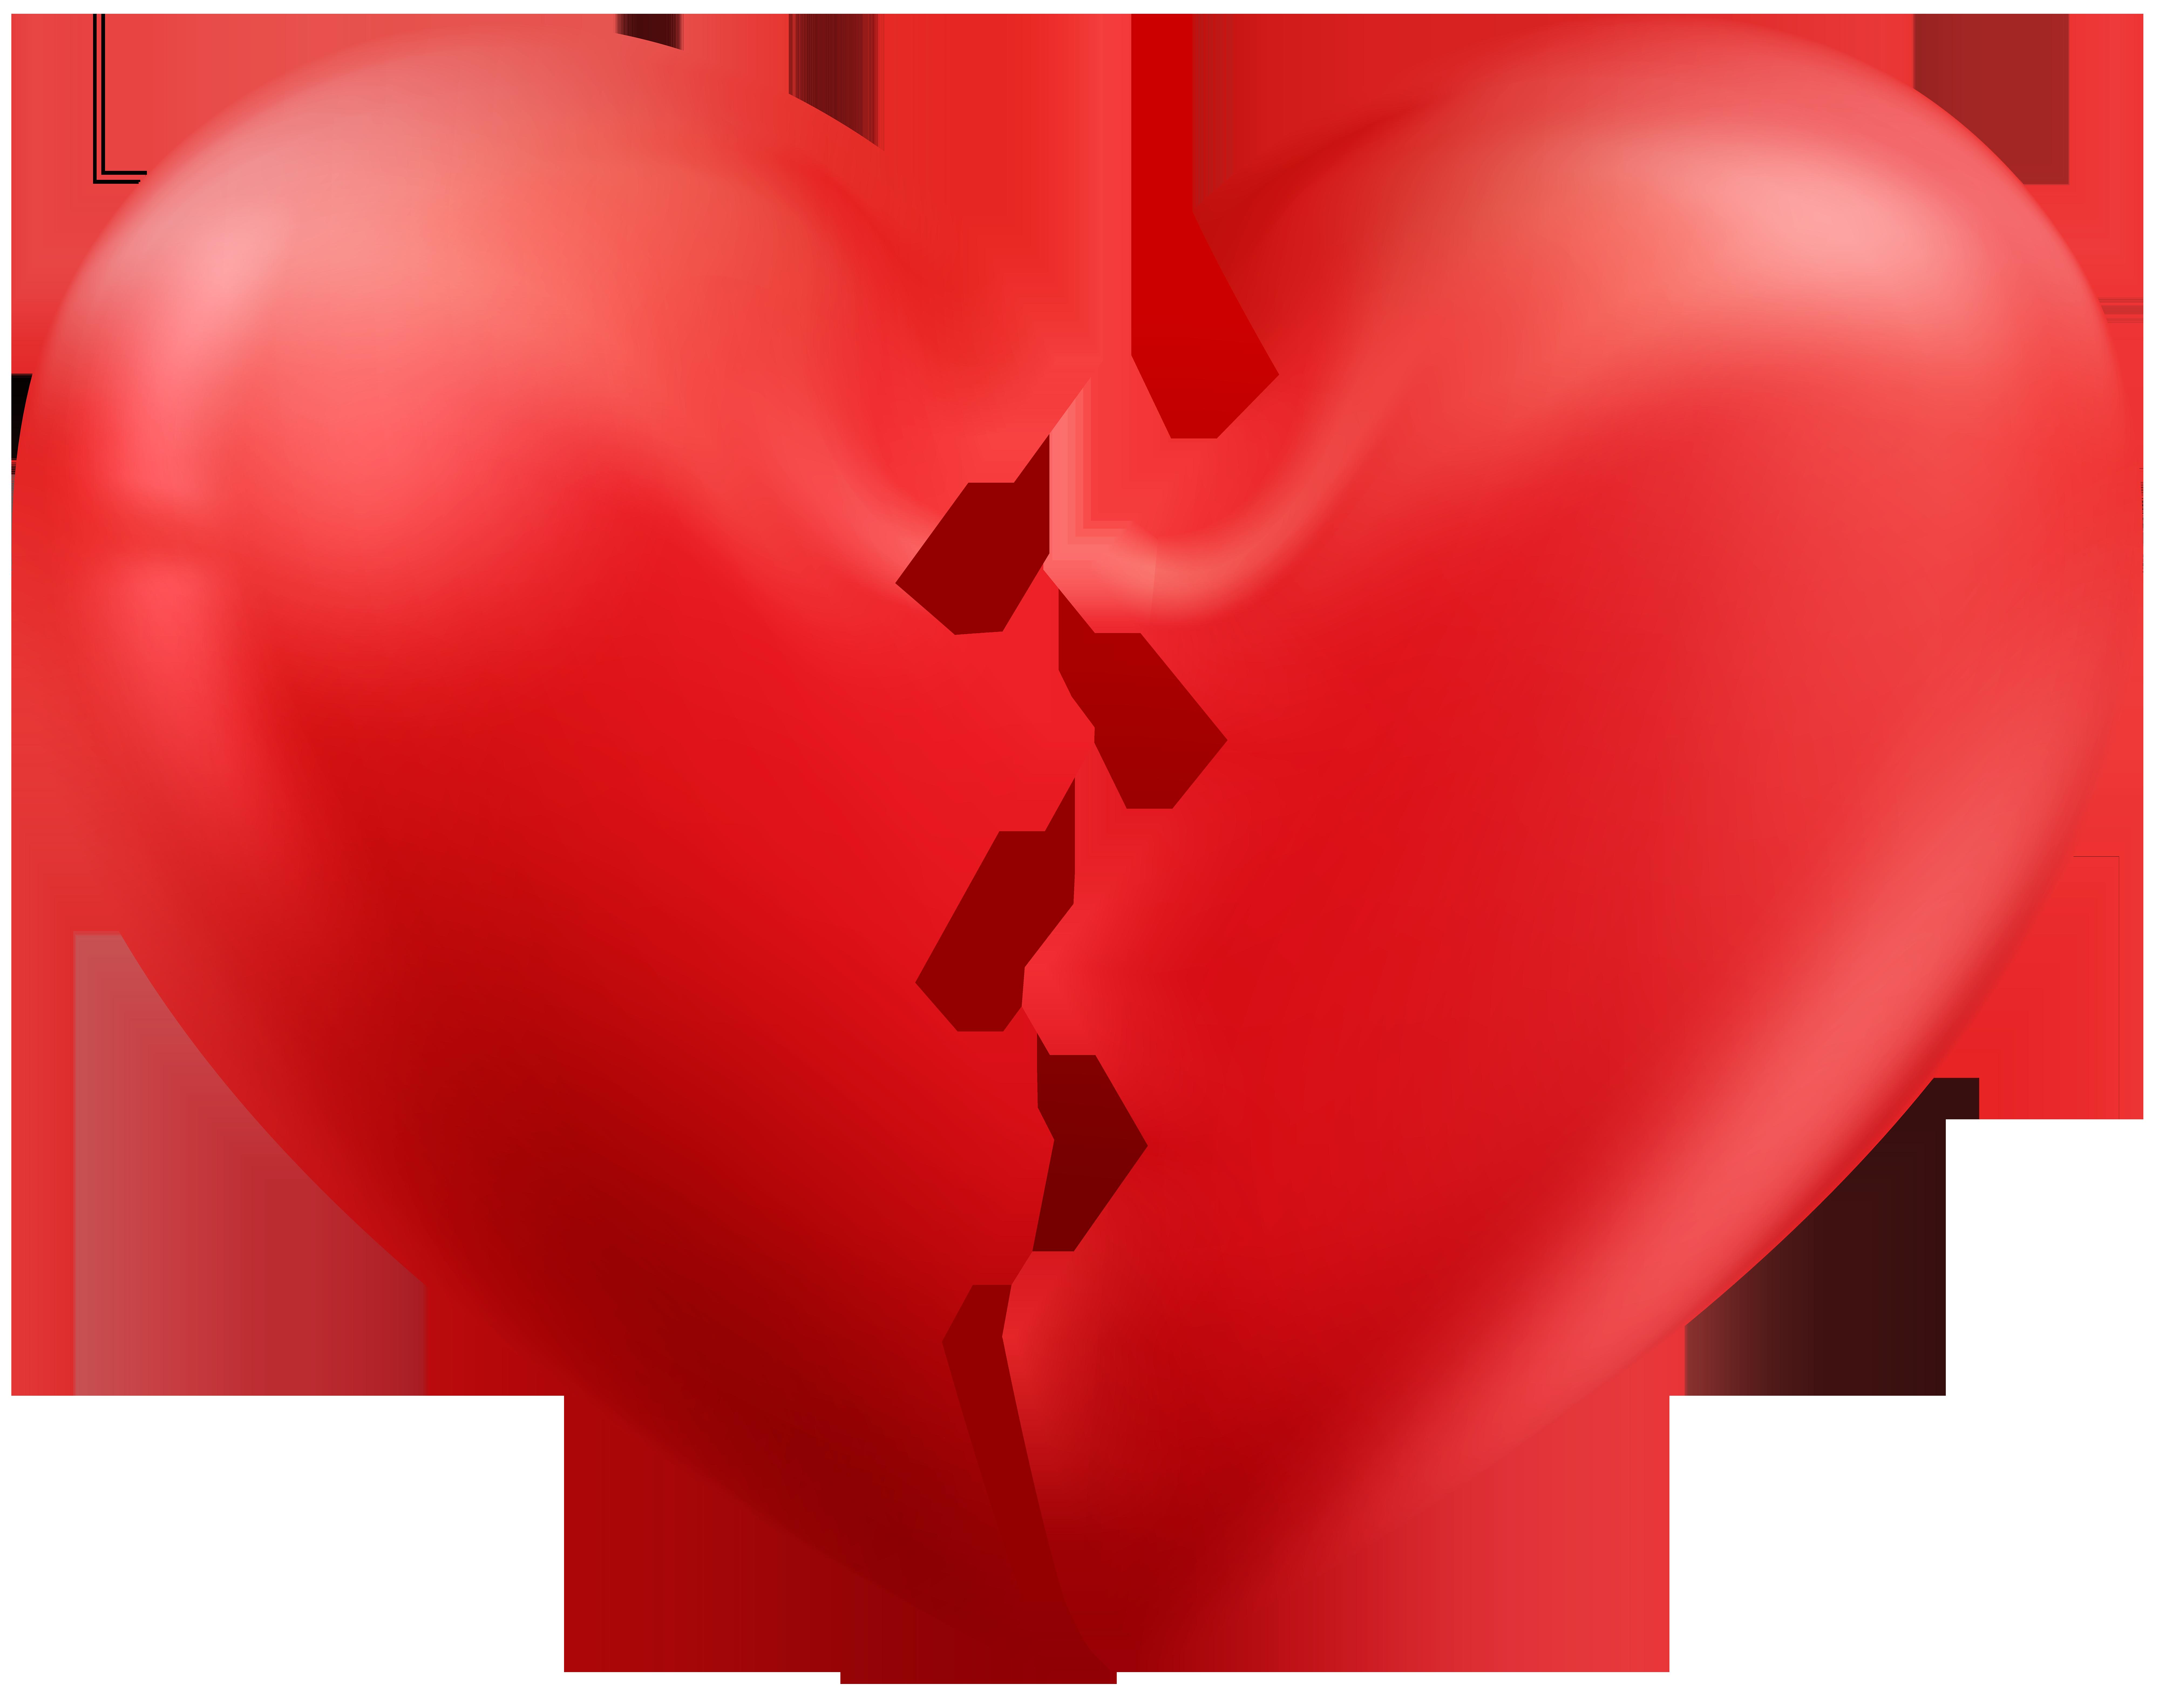 8000x6328 Broken Heart Clipart Transparent